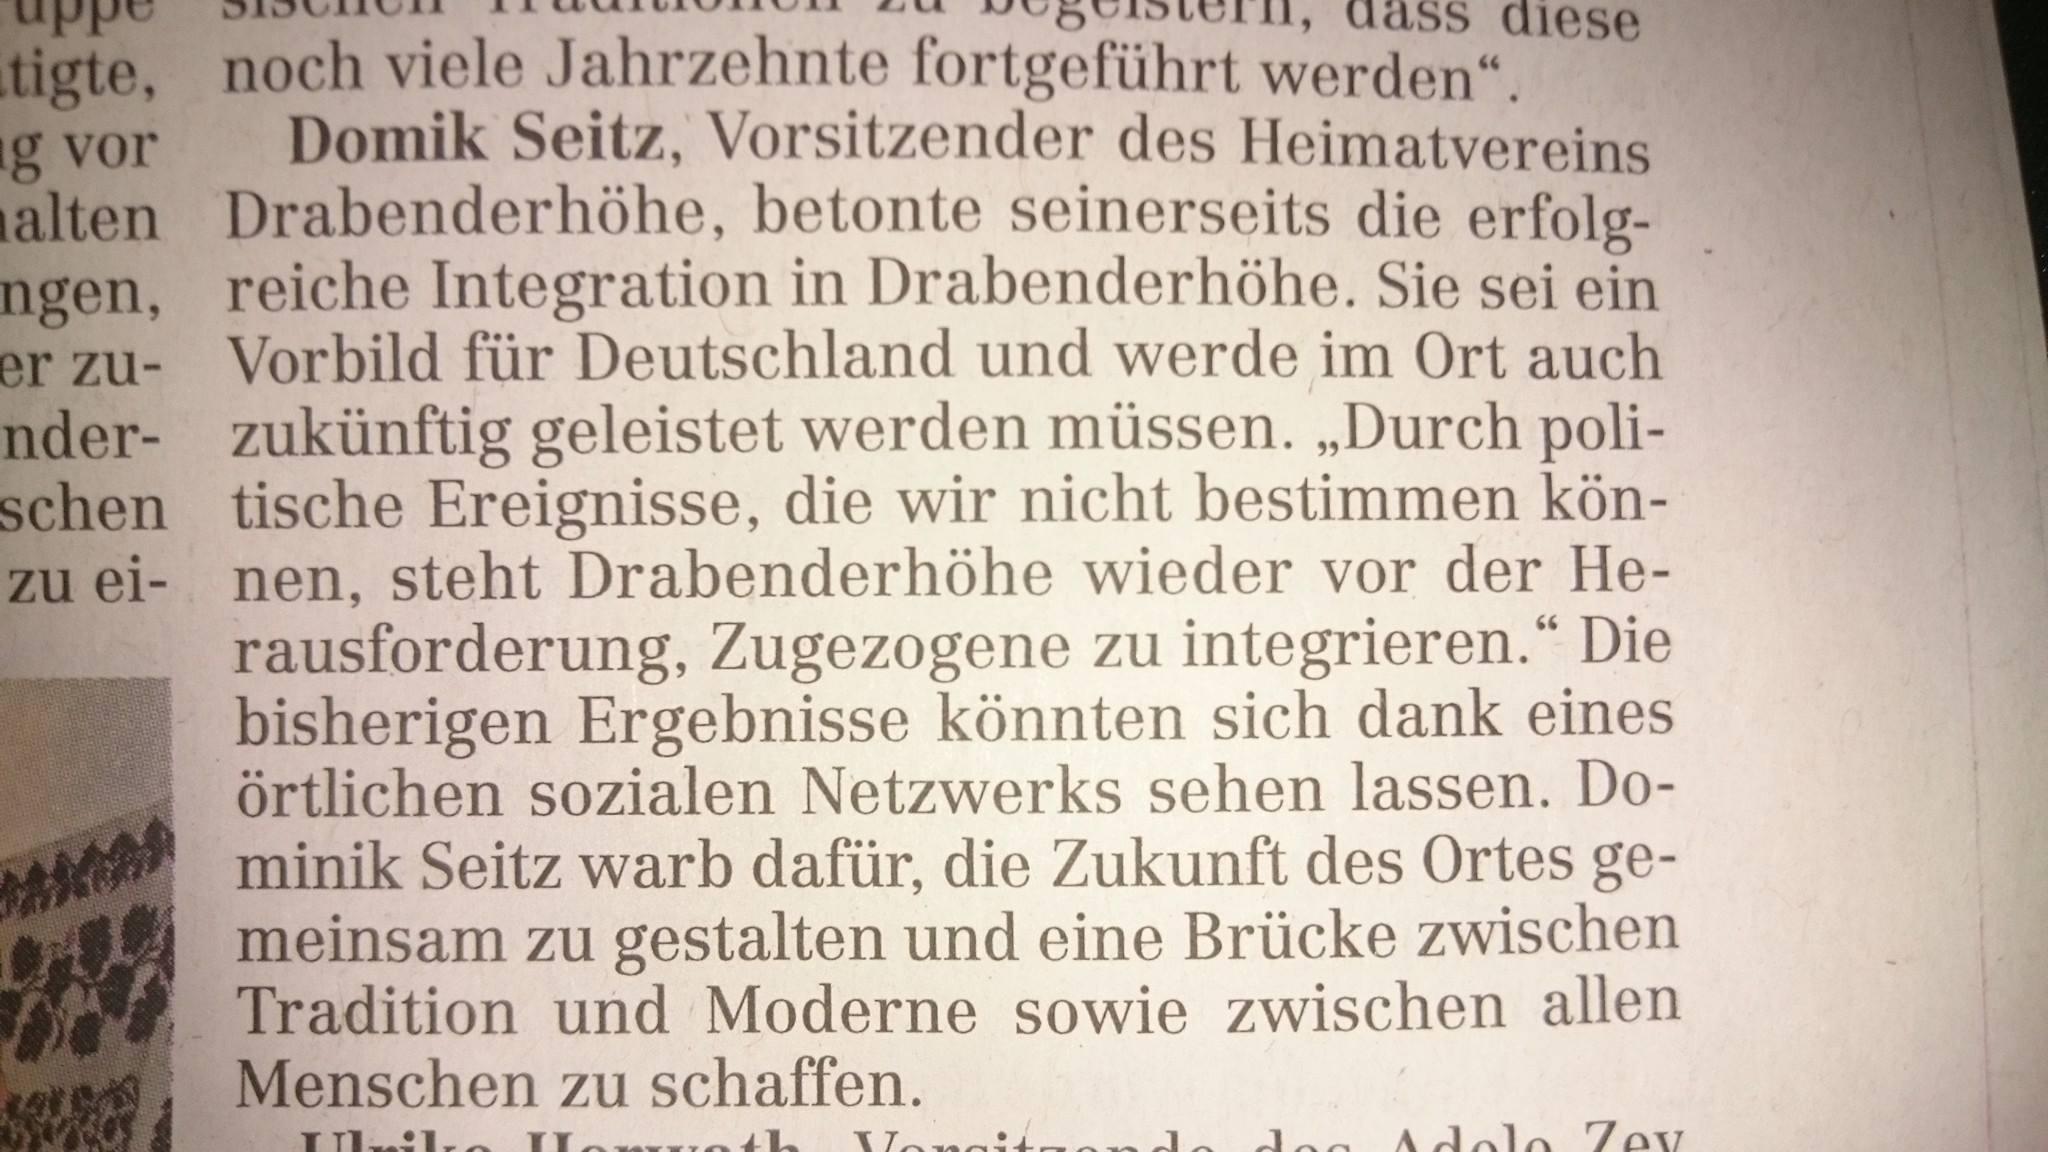 www.heimatverein-drabenderhoehe.de